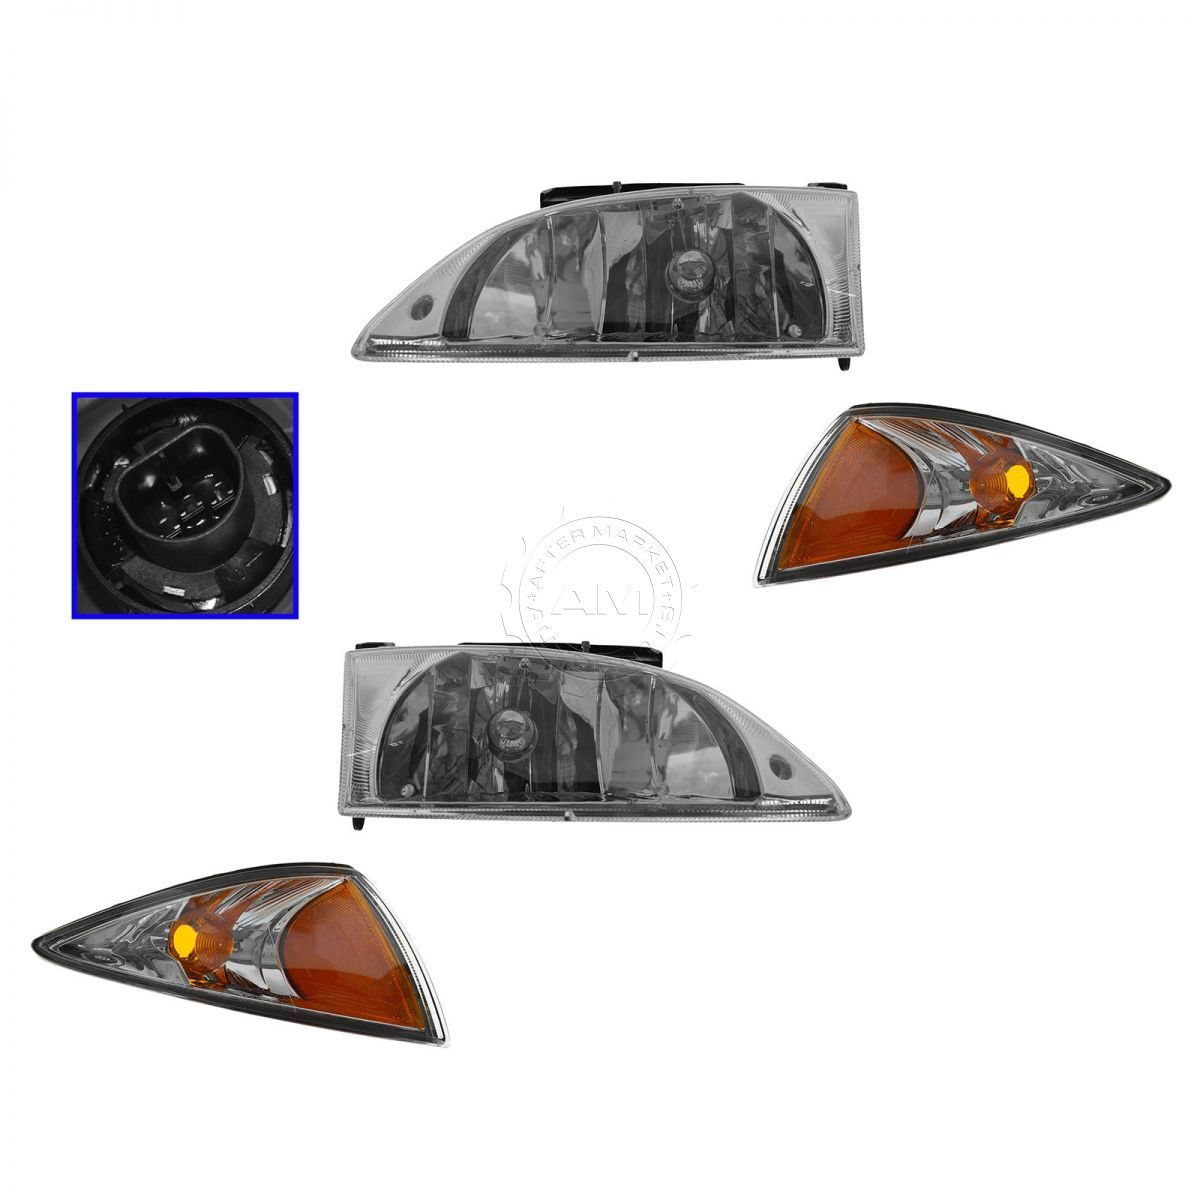 コーナーライト Headlights & Parking Corner Lights Left & Right Kit Set for 00-02 Chevy Cavalier ヘッドライト& 駐車コーナーライト左& 右のキットは00-02シボレー・キャバリアにセット